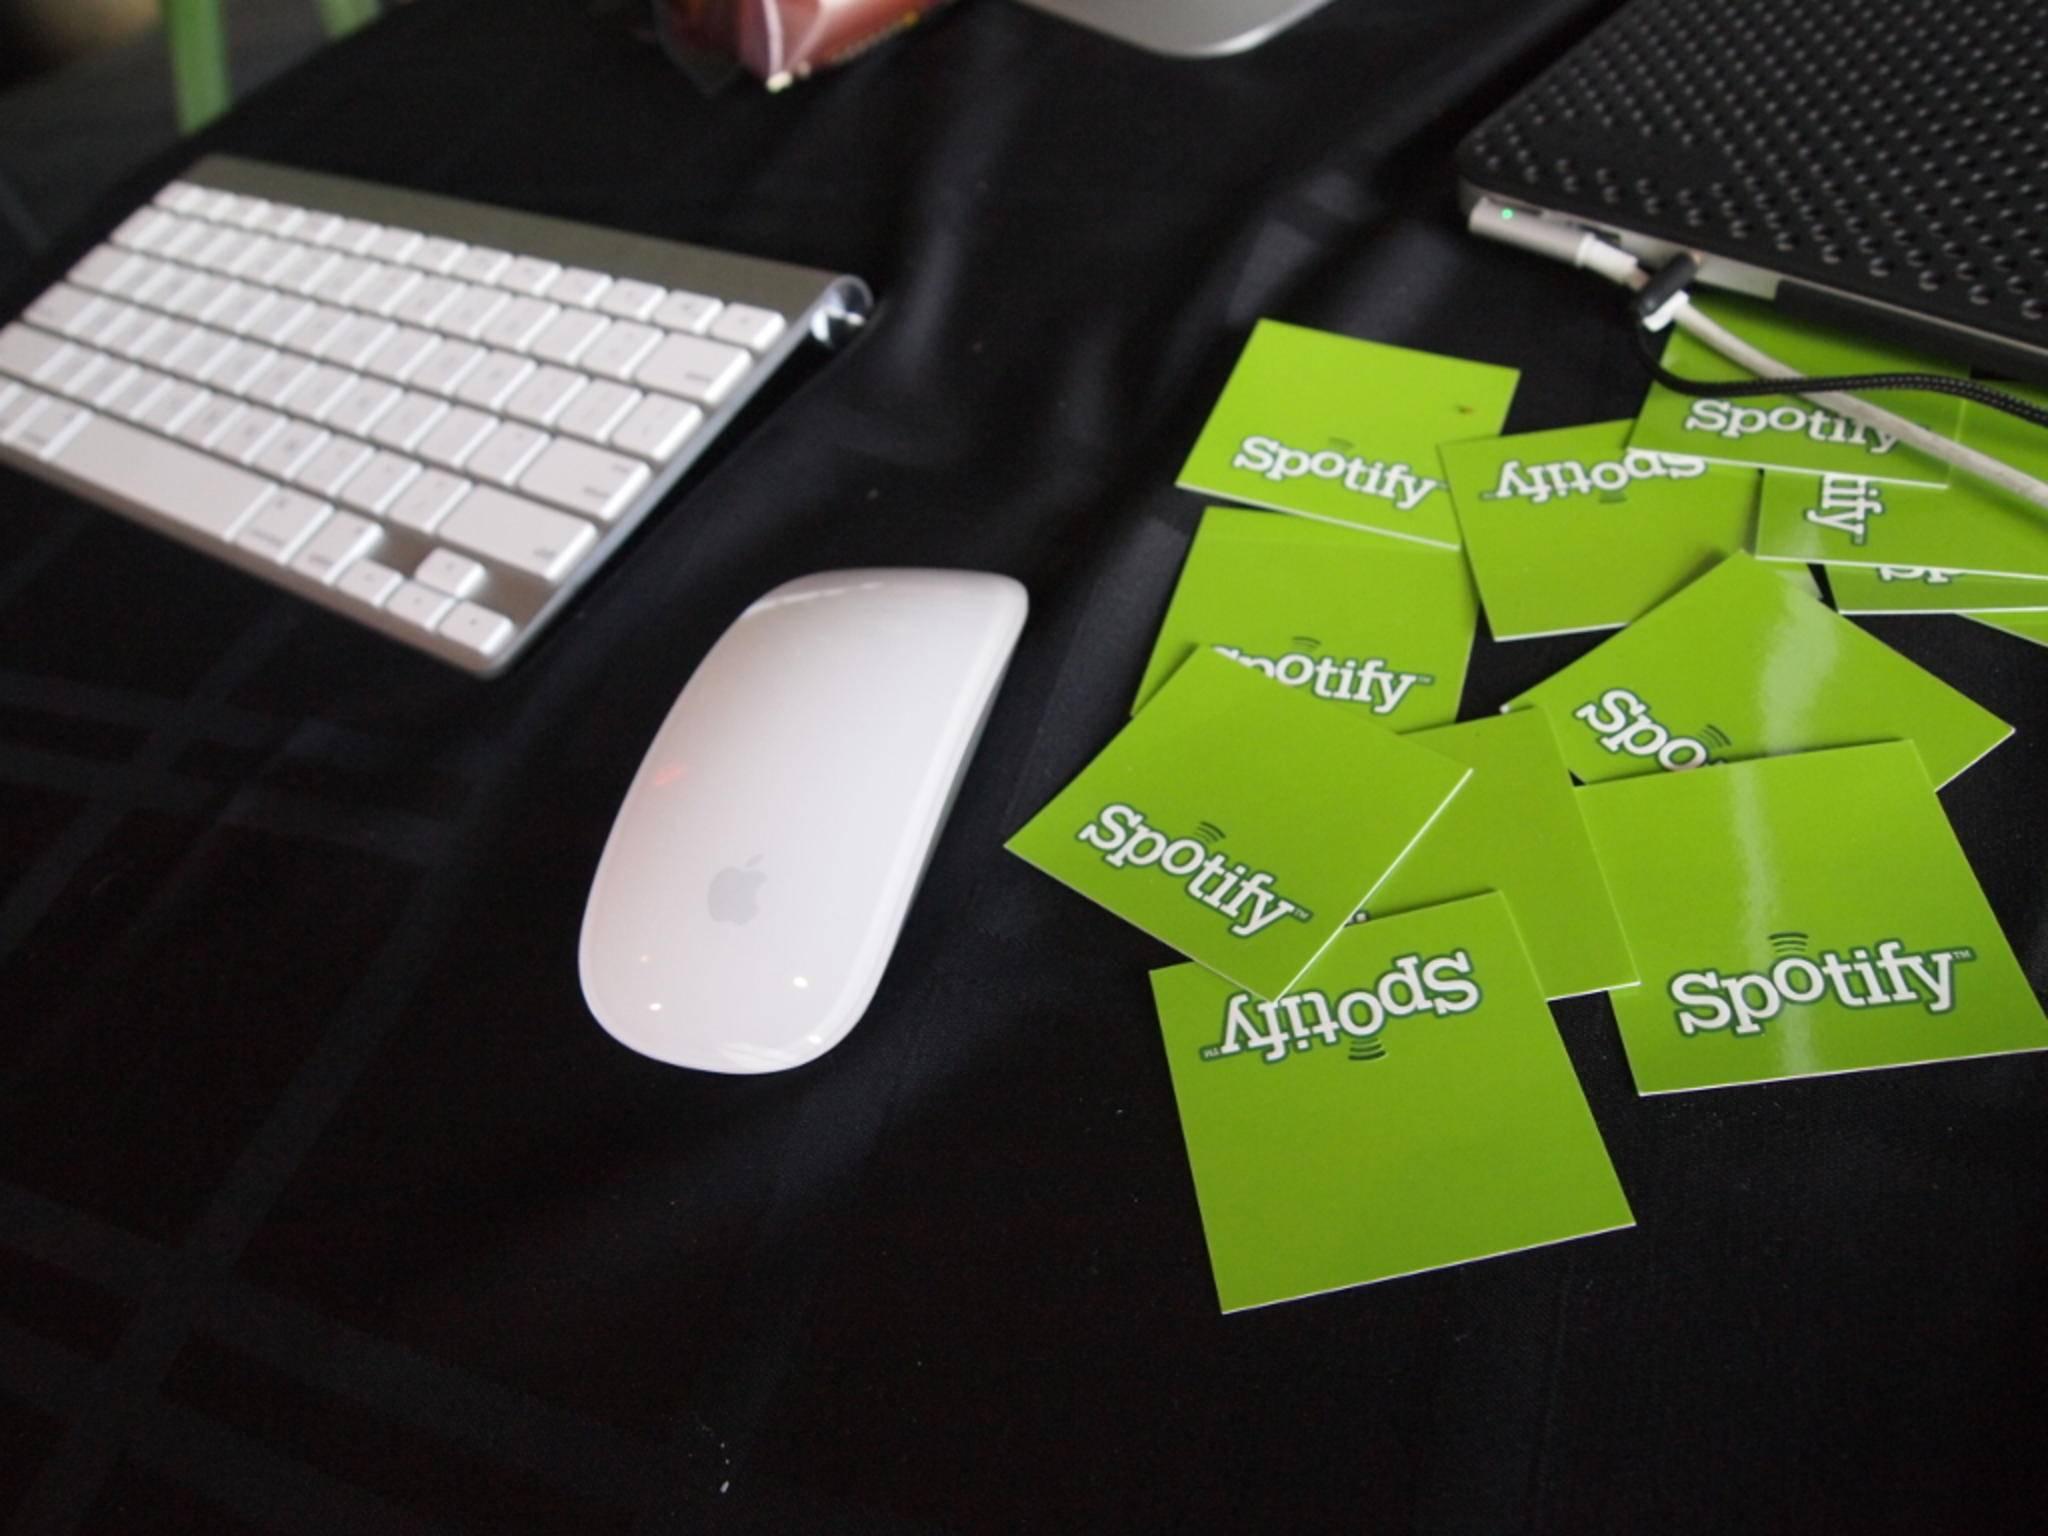 Spotify wirft Apple Wettbewerbsverzerrung vor.